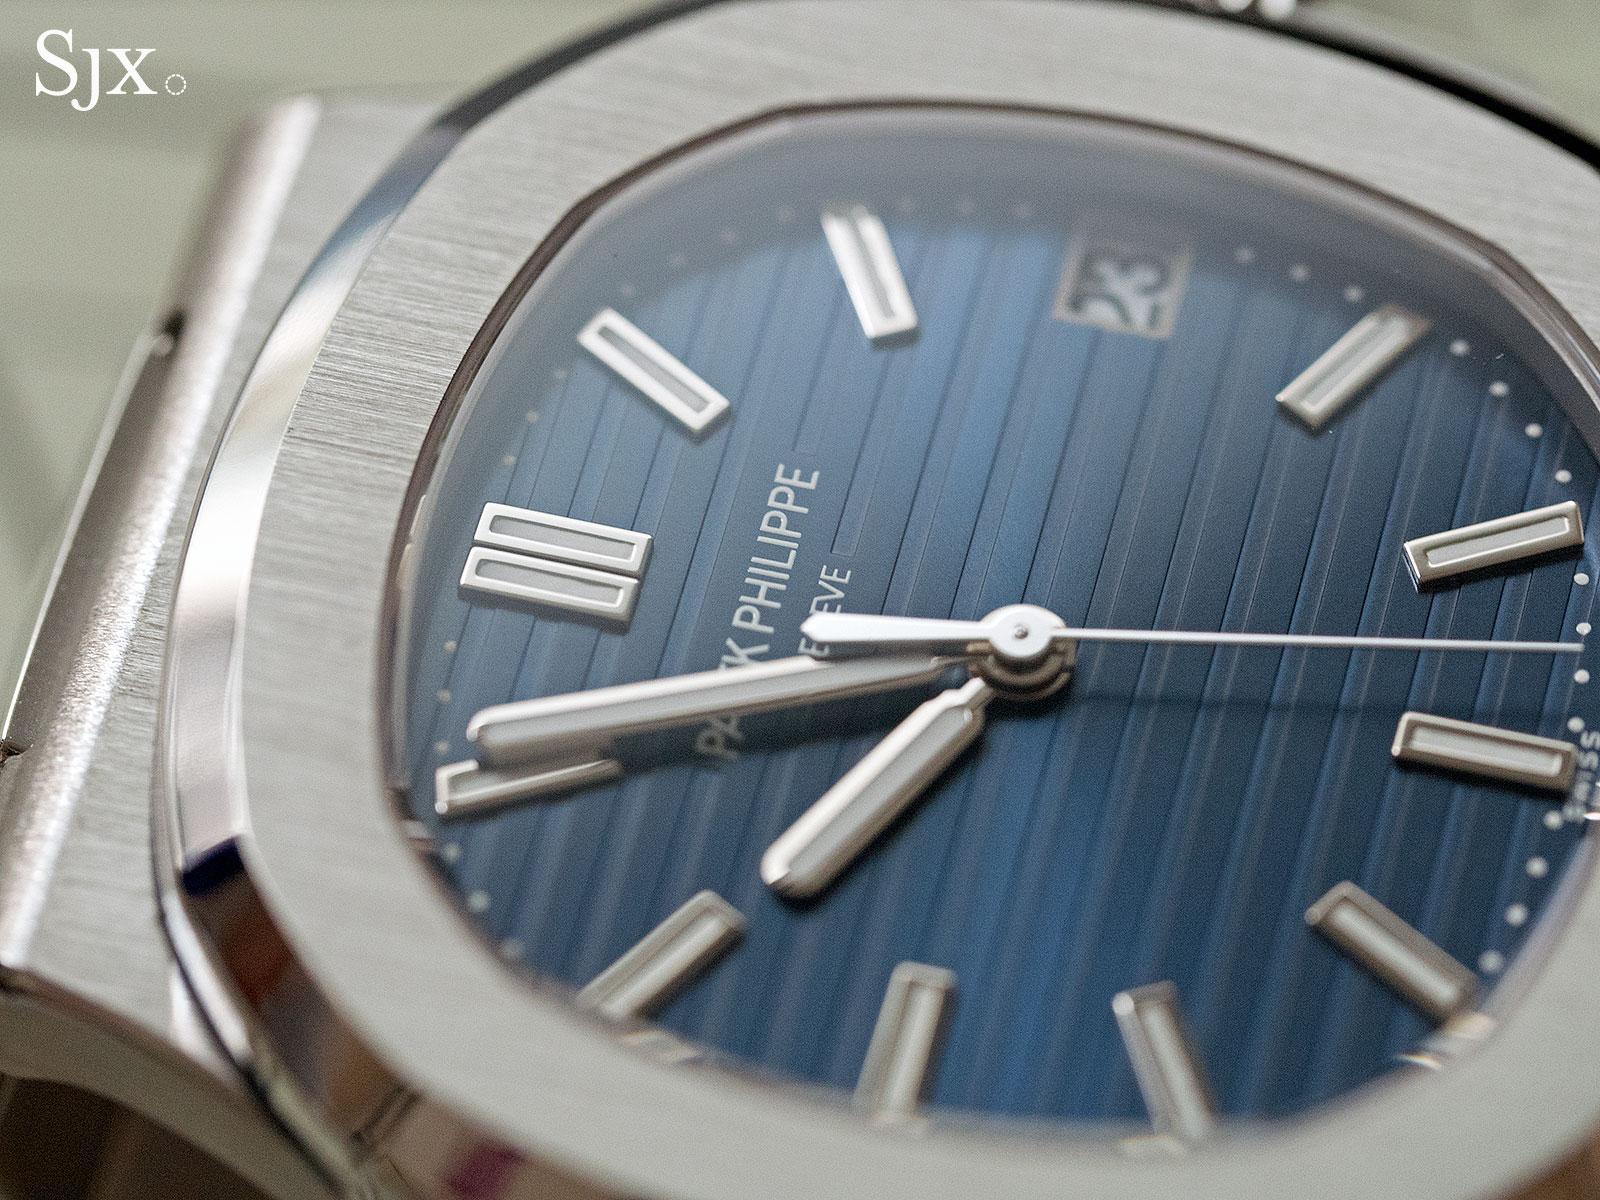 Phillips HKWA3 Patek Philippe Nautilus platinum 5711P - 3